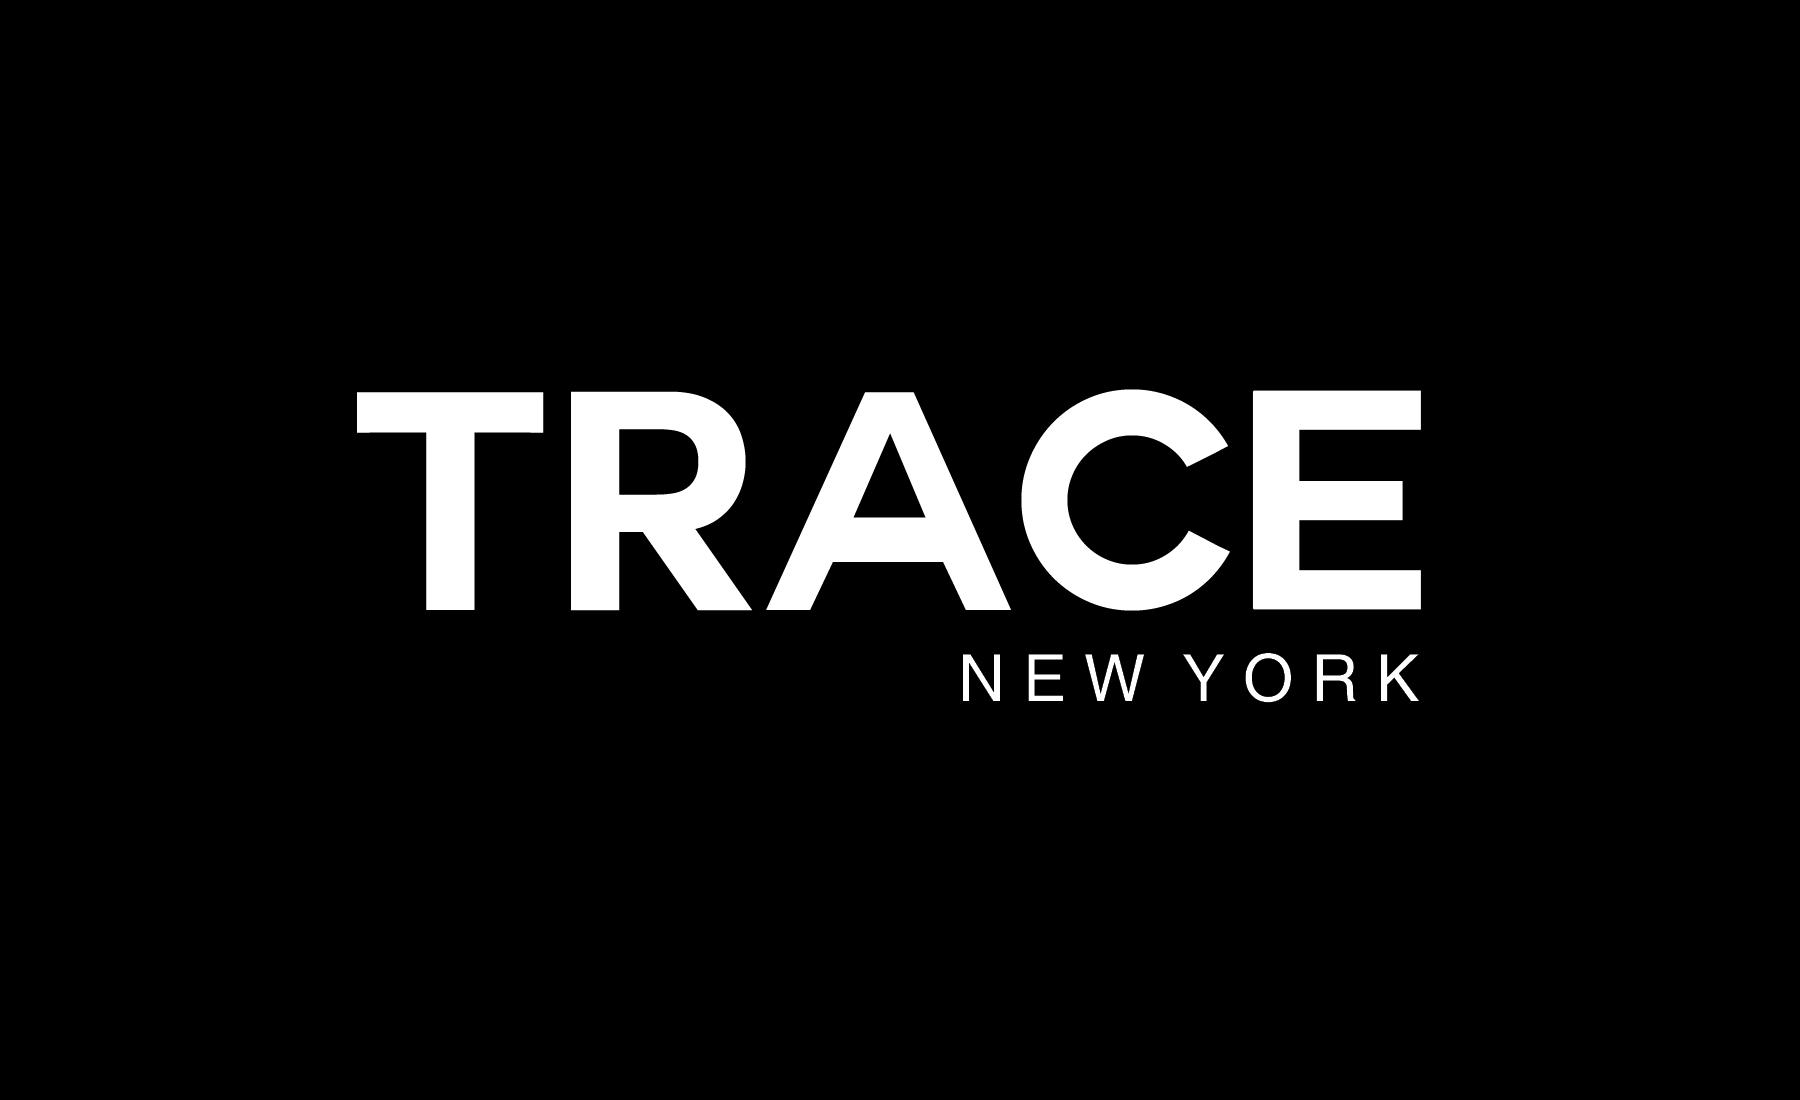 trace-main